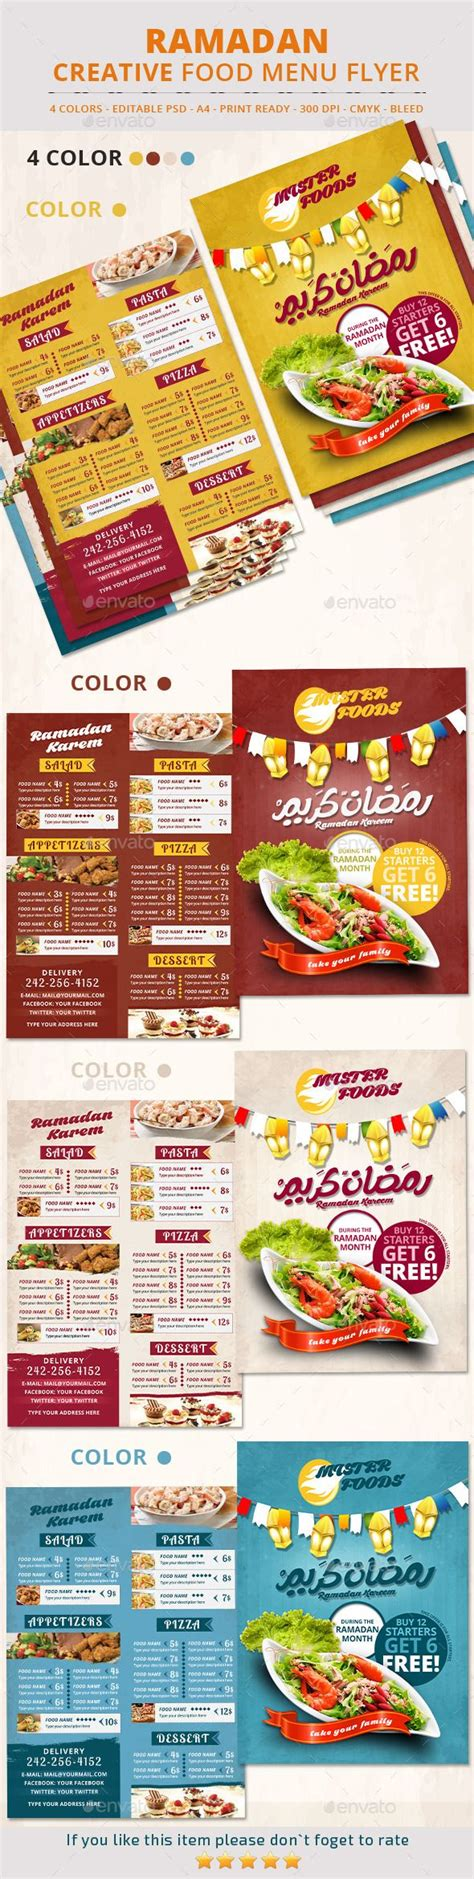 ramadan menu design food menu flyer ramadan